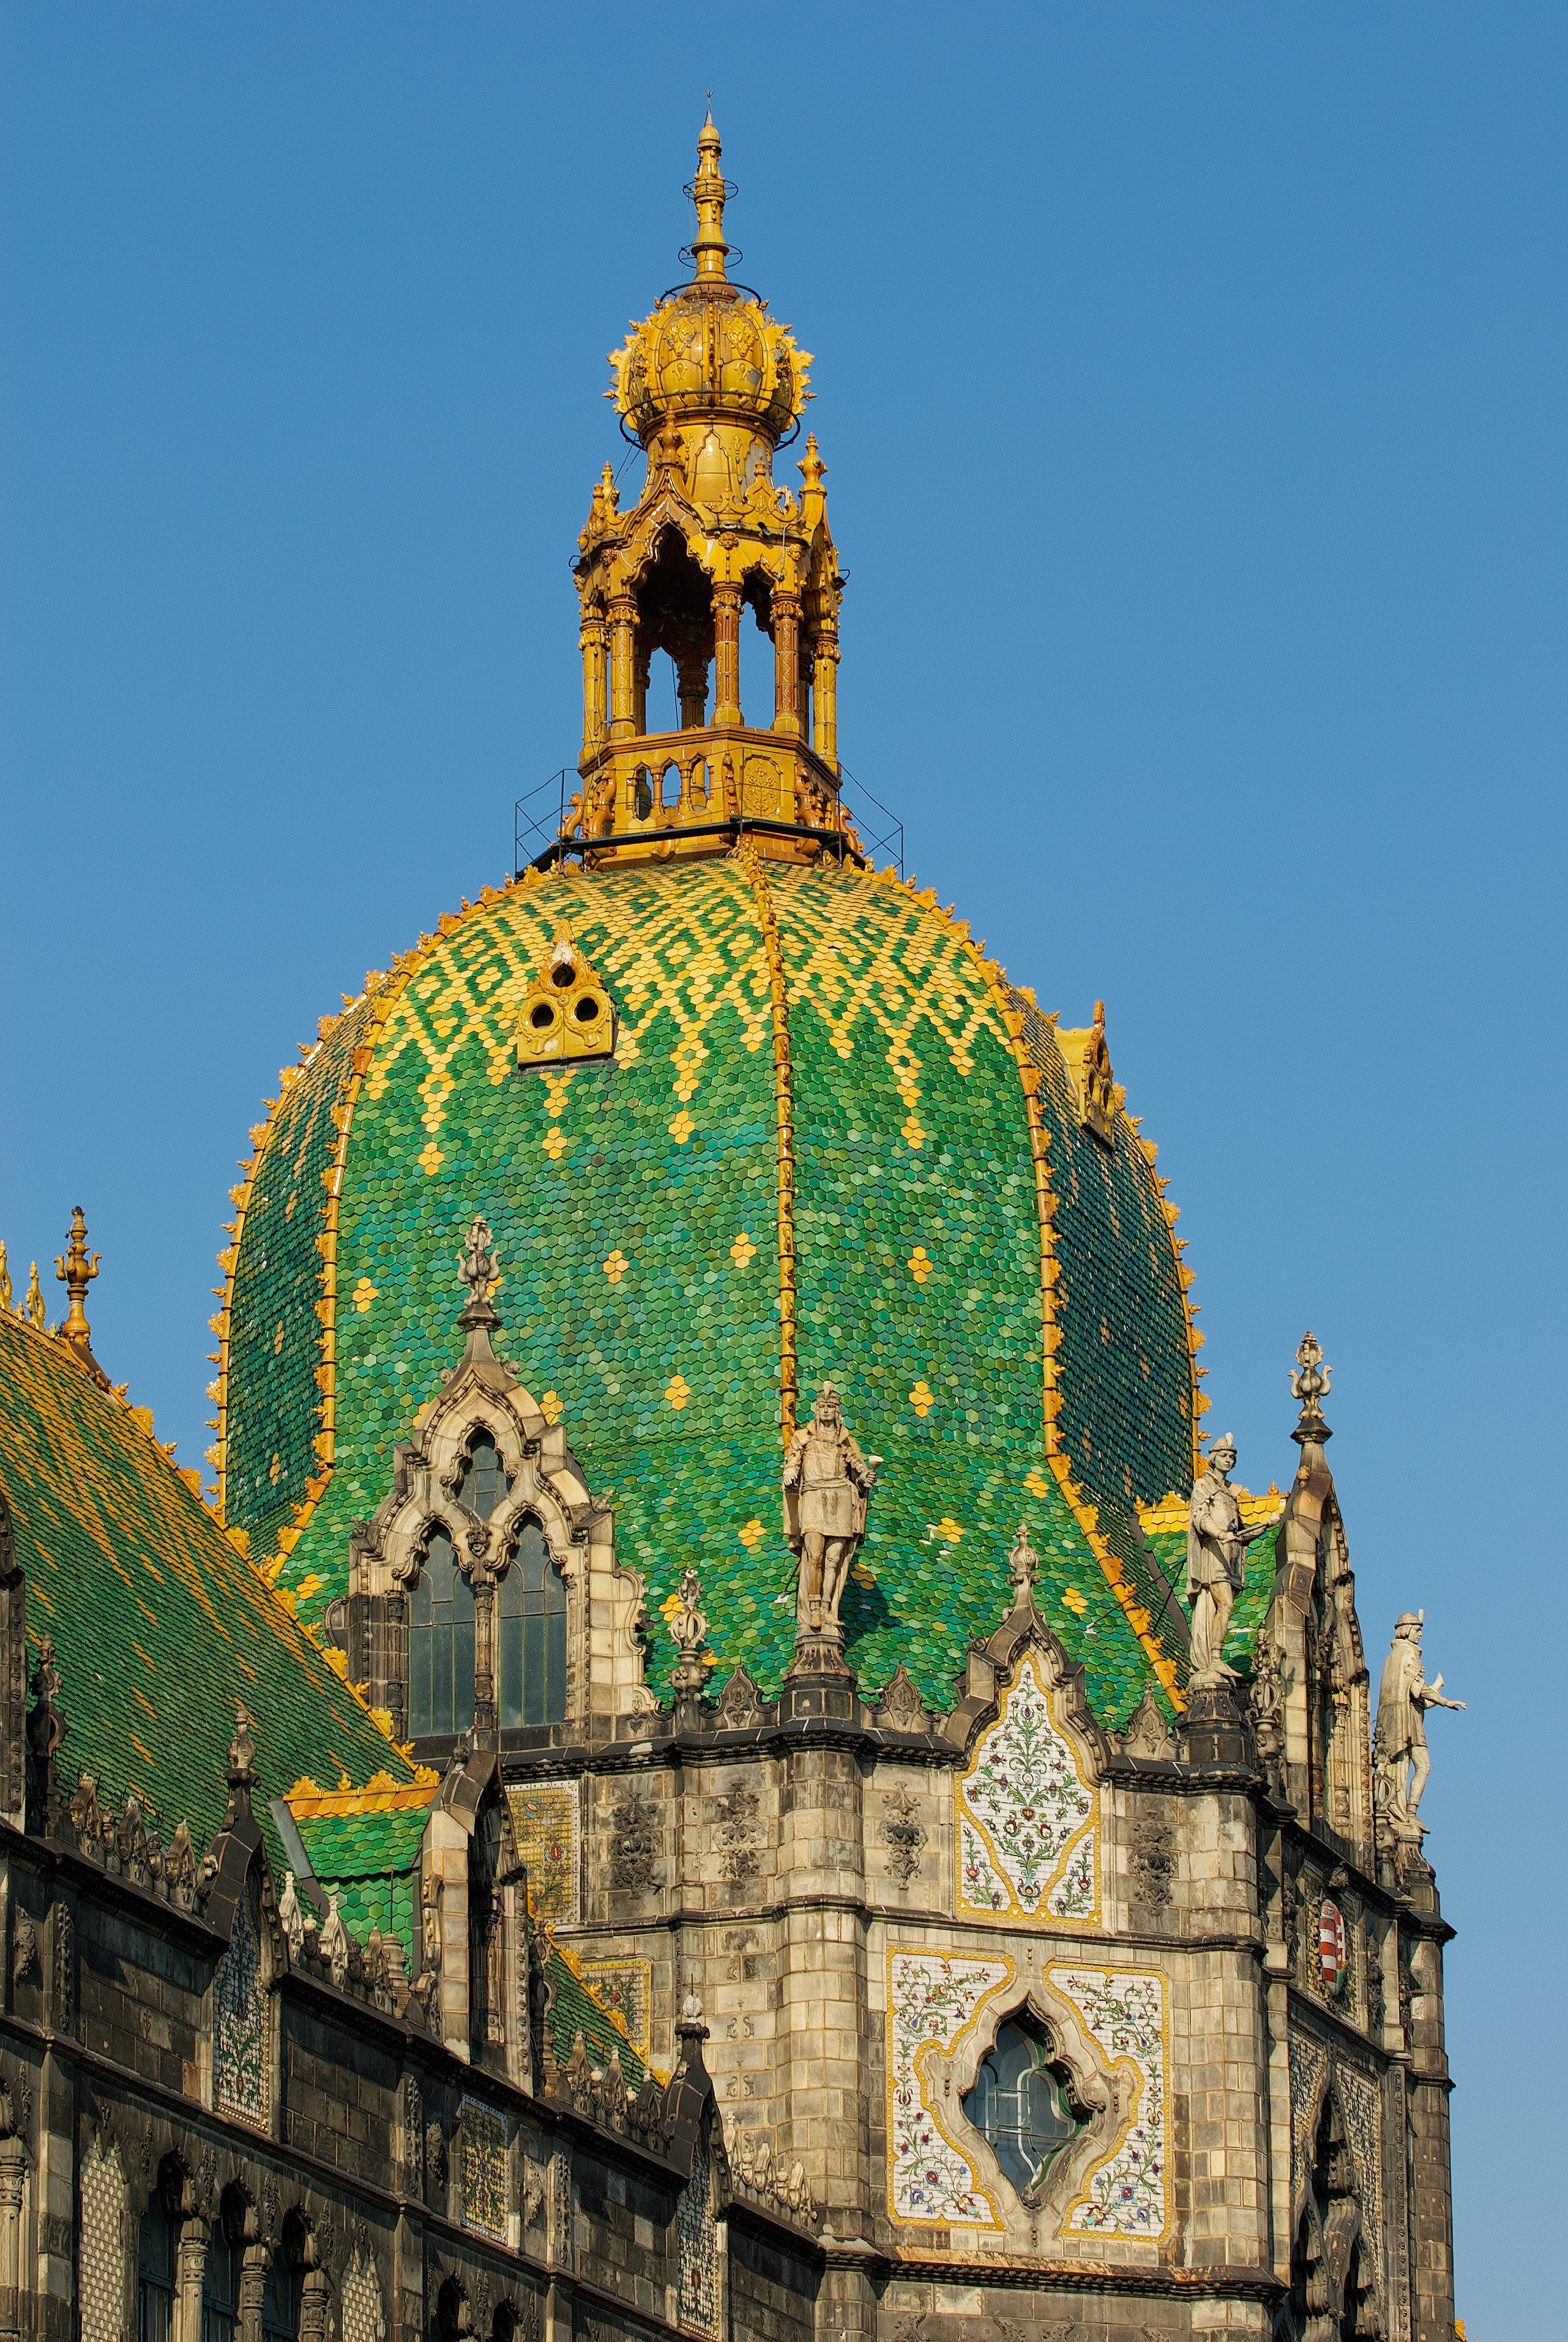 Tour du mus e des arts d coratifs de budapest cr dit photo mus e des arts d coratifs de budapest - Le musee des arts decoratifs ...